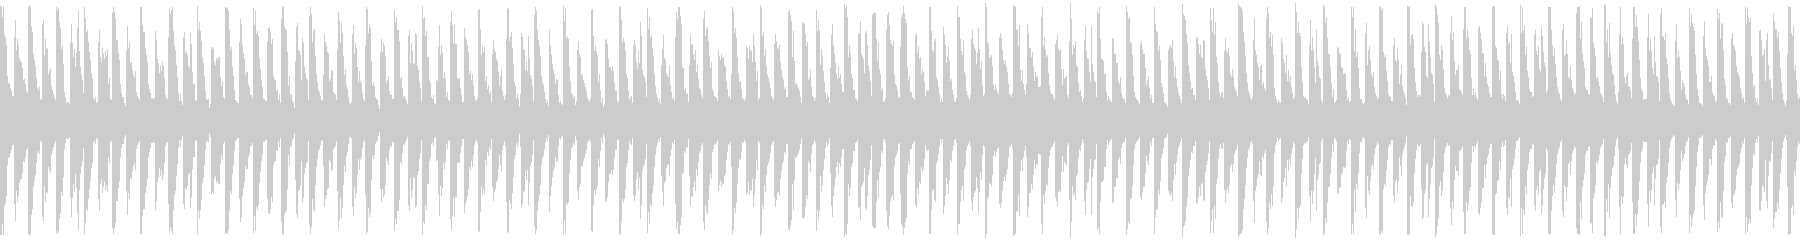 【ループ再生】希望・ポジティブな曲の未再生の波形